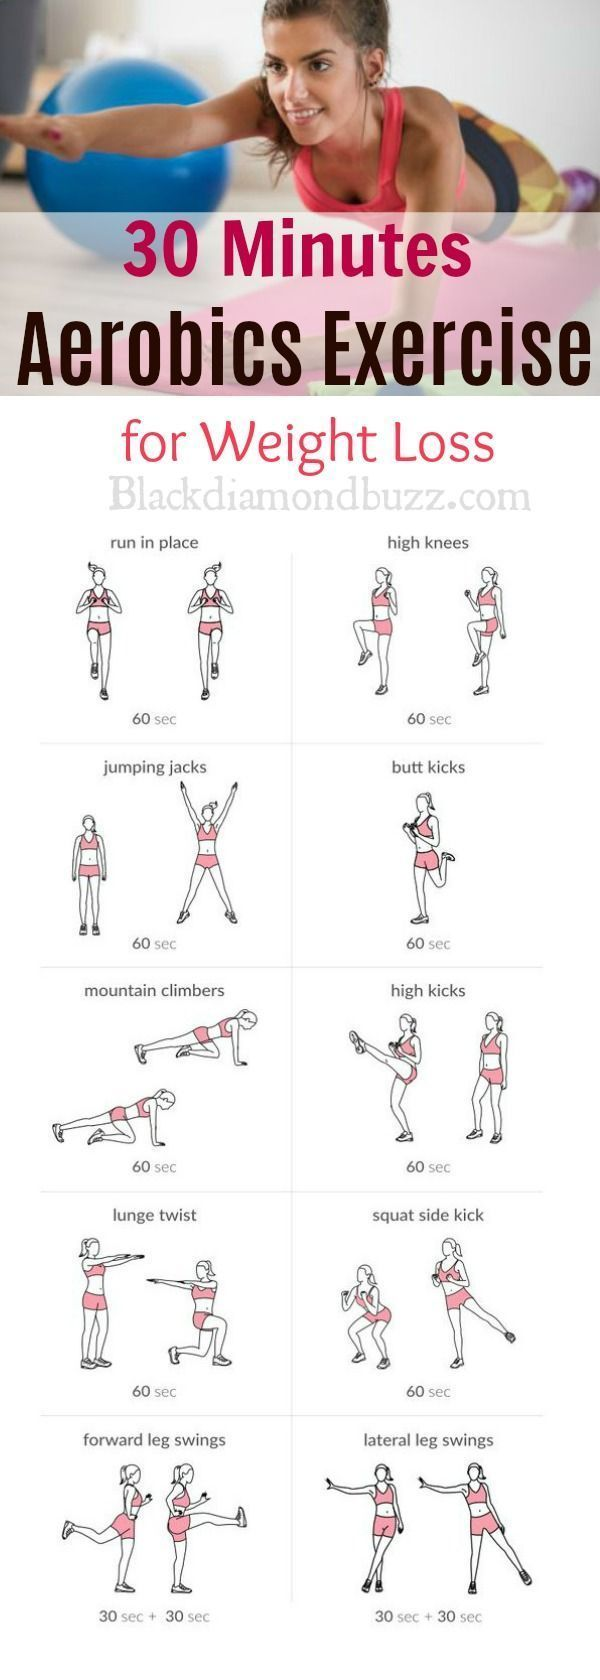 6 exercices de perte de poids + programme d'entraînement gratuit